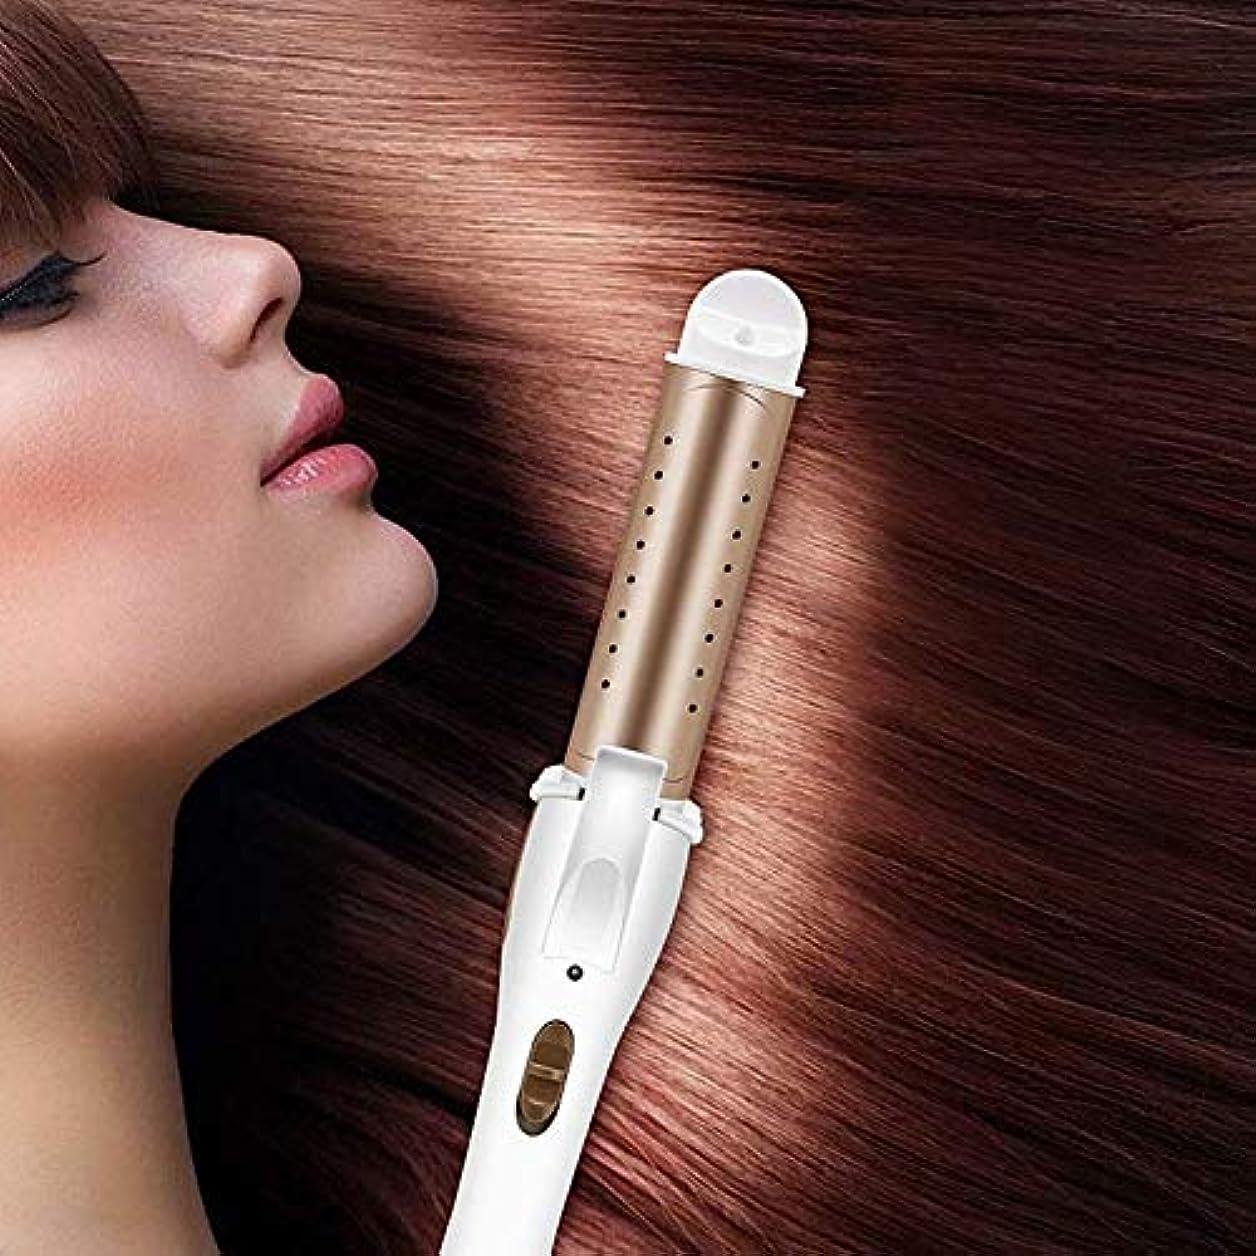 ちっちゃい単独で穴電動カーリングアイロンストレートロール兼用合板ホットストレートヘアサロンヘアストレートバークリップ大容量バックル前髪前髪,金